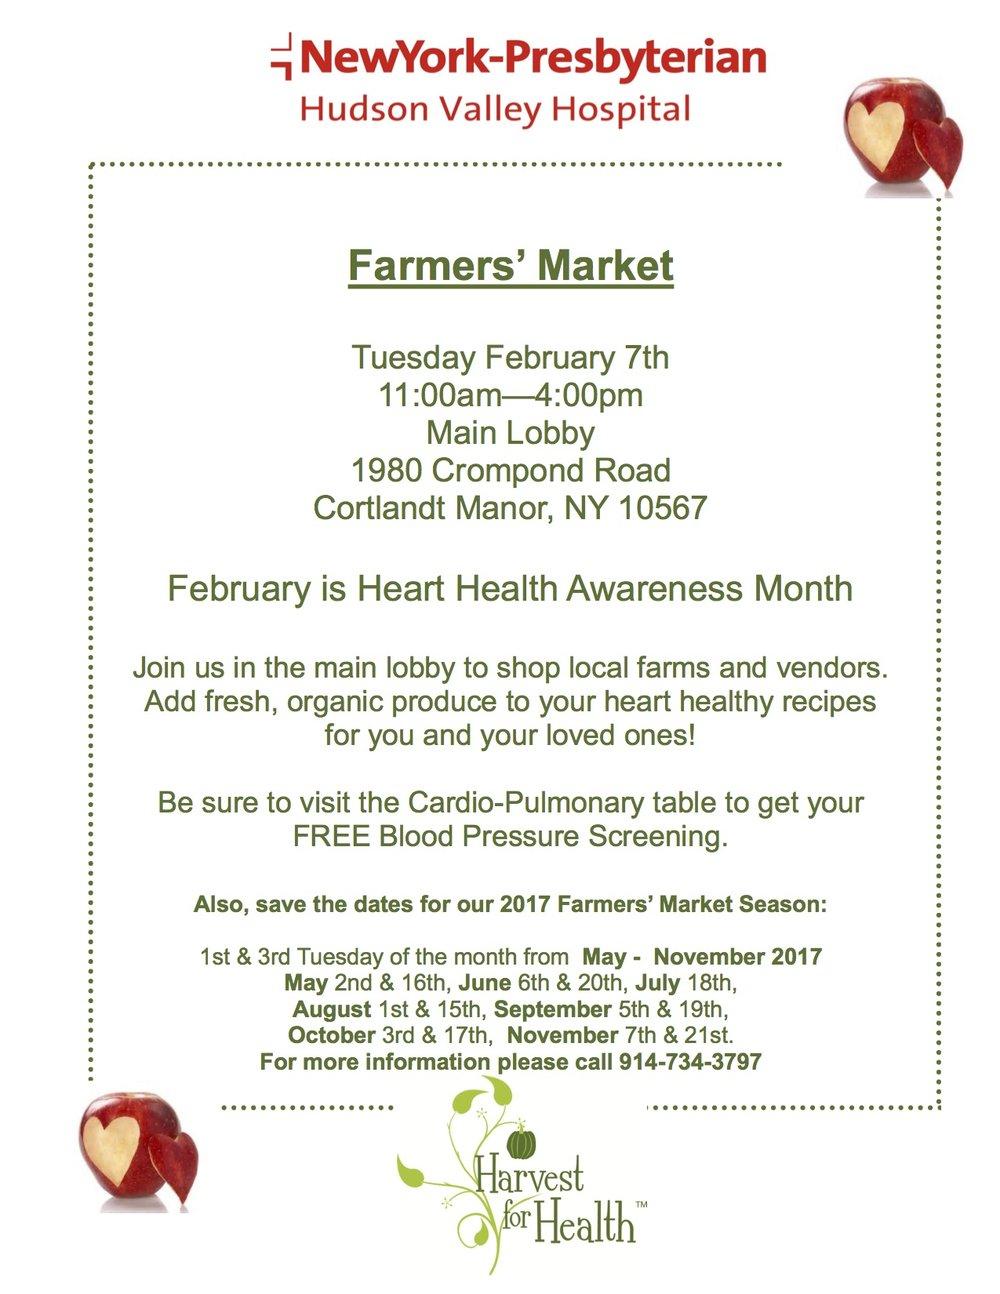 Hudson Valley Harvest for Health Farmers Market